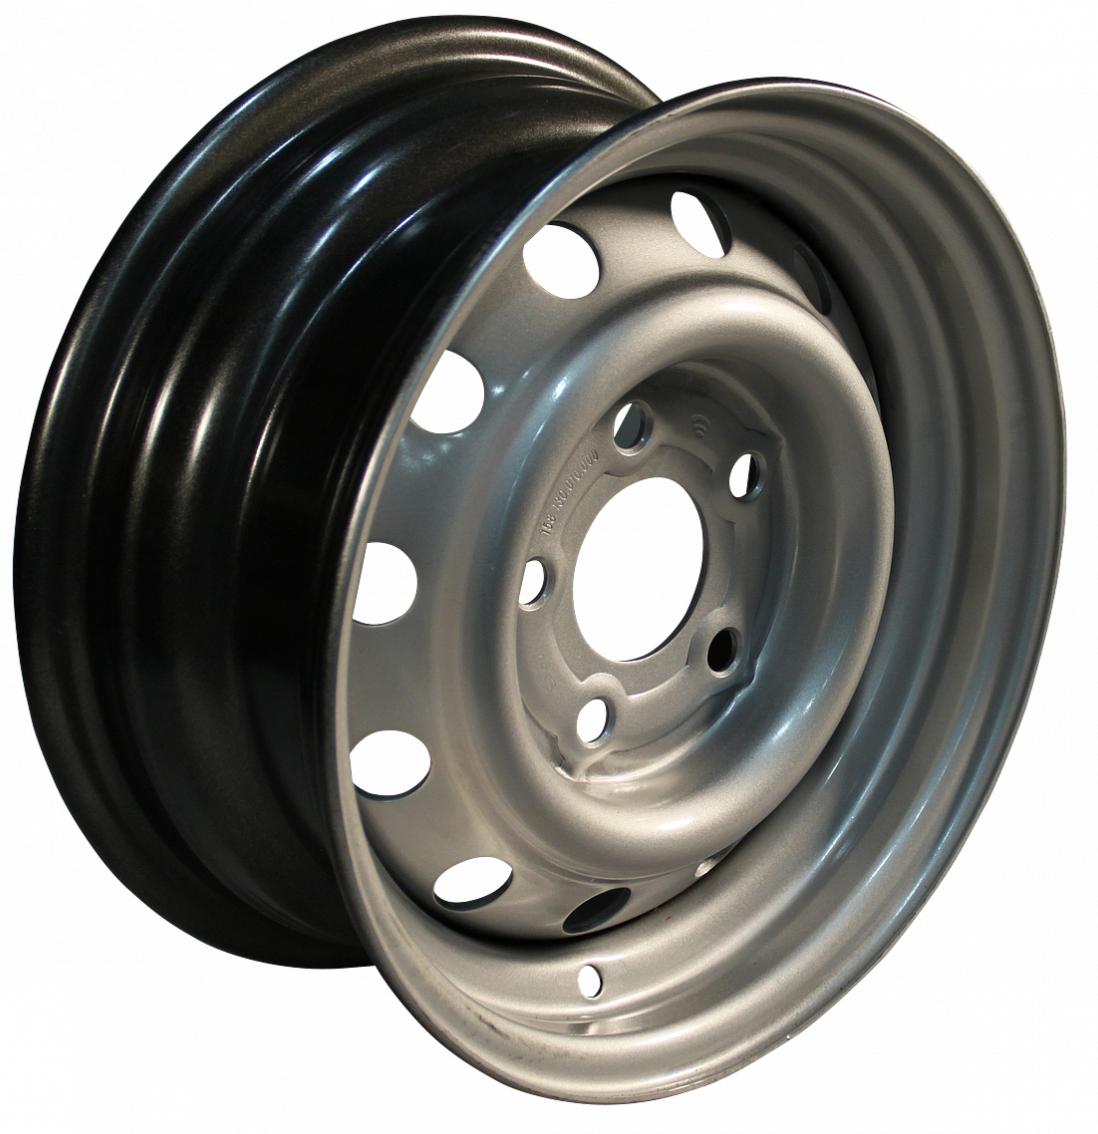 AWD Losse 8 inch velg voor aanhangwagens - 5.50Jx13H2 (5x112) naaf 67 mm - 950 kg ET30